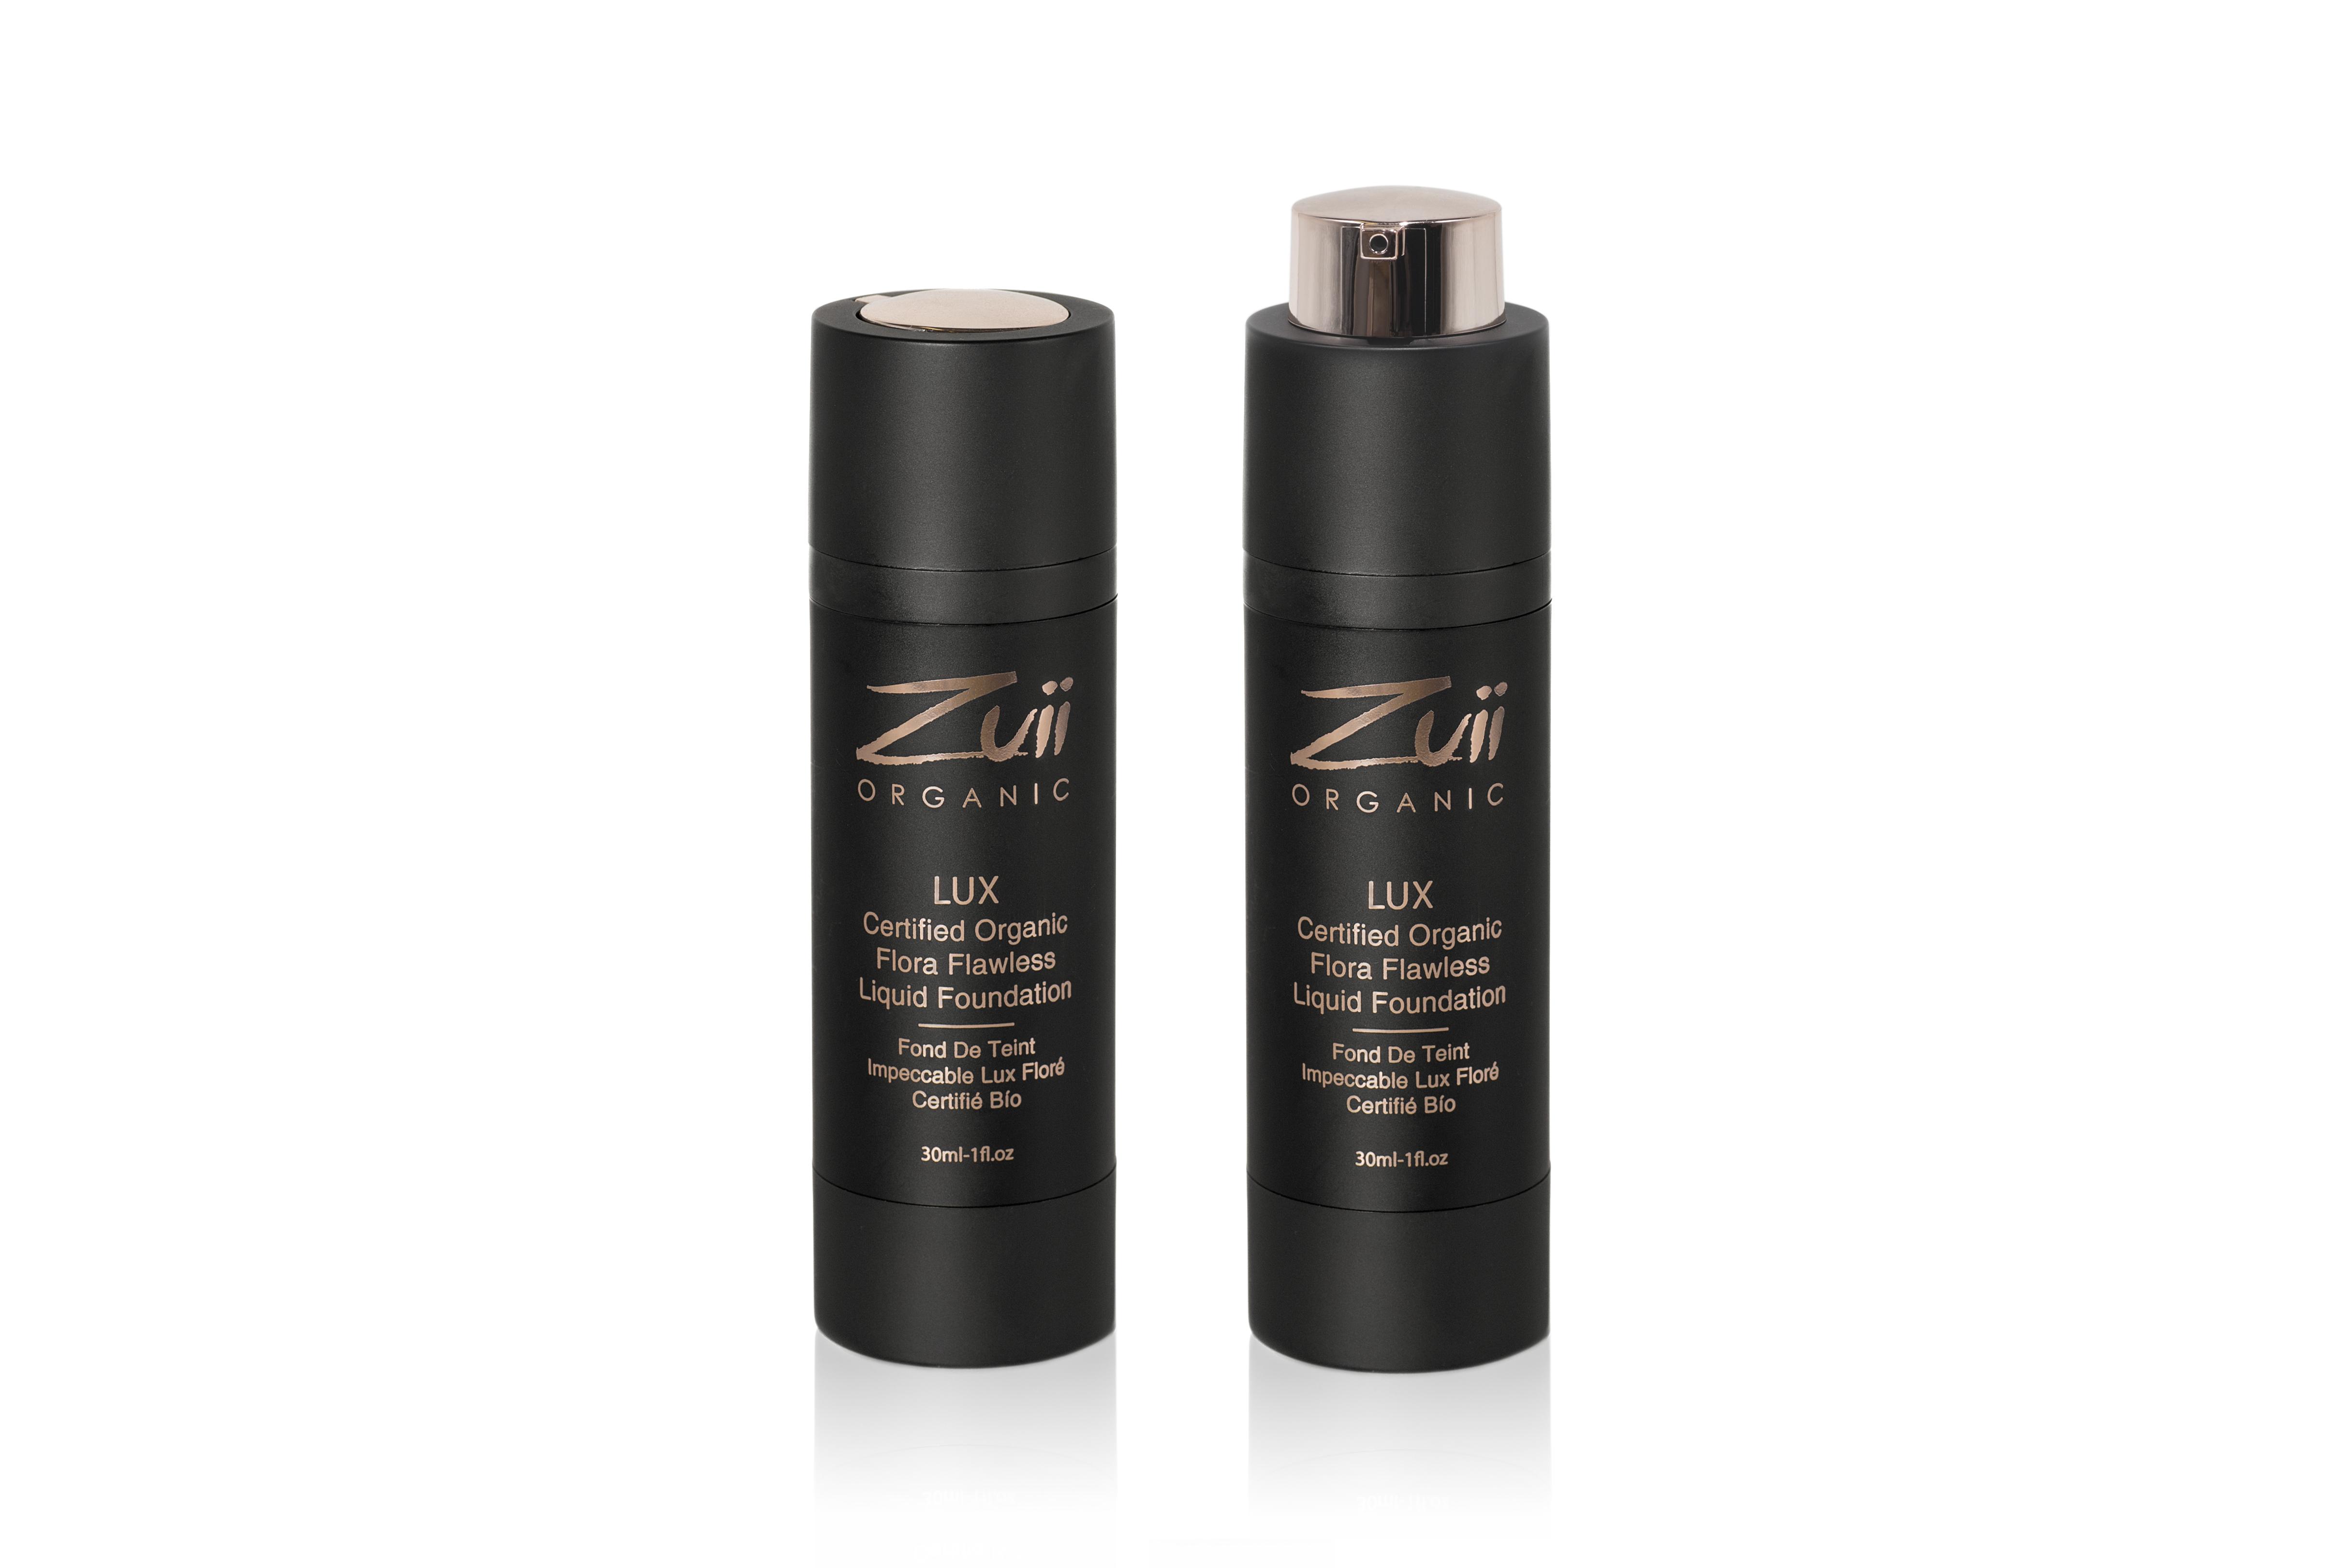 Zuii Organic Lux Flawless Liquid Foundation Meikkivoide 30 ml